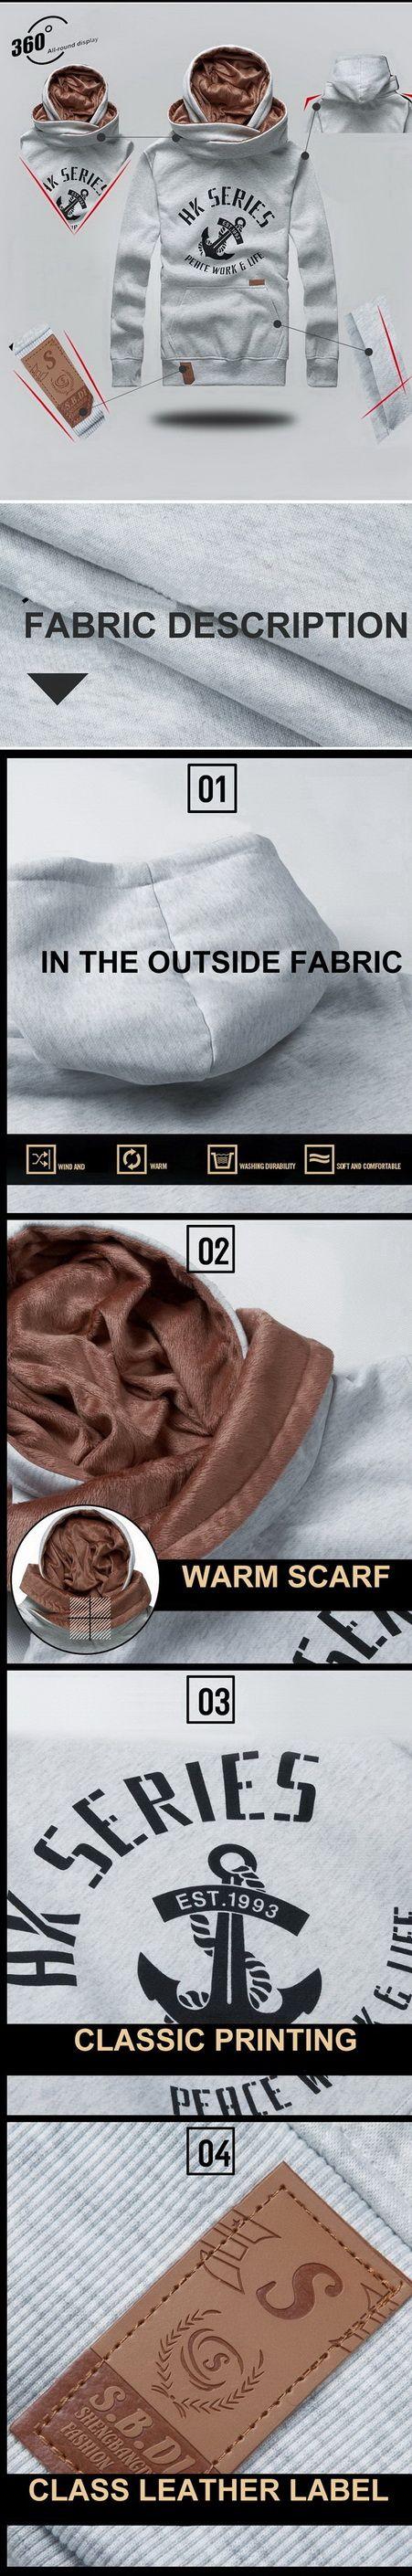 เสื้อกันหนาวผู้ชายพร้อมส่ง : สเวตเตอร์ fleece hooded scarf